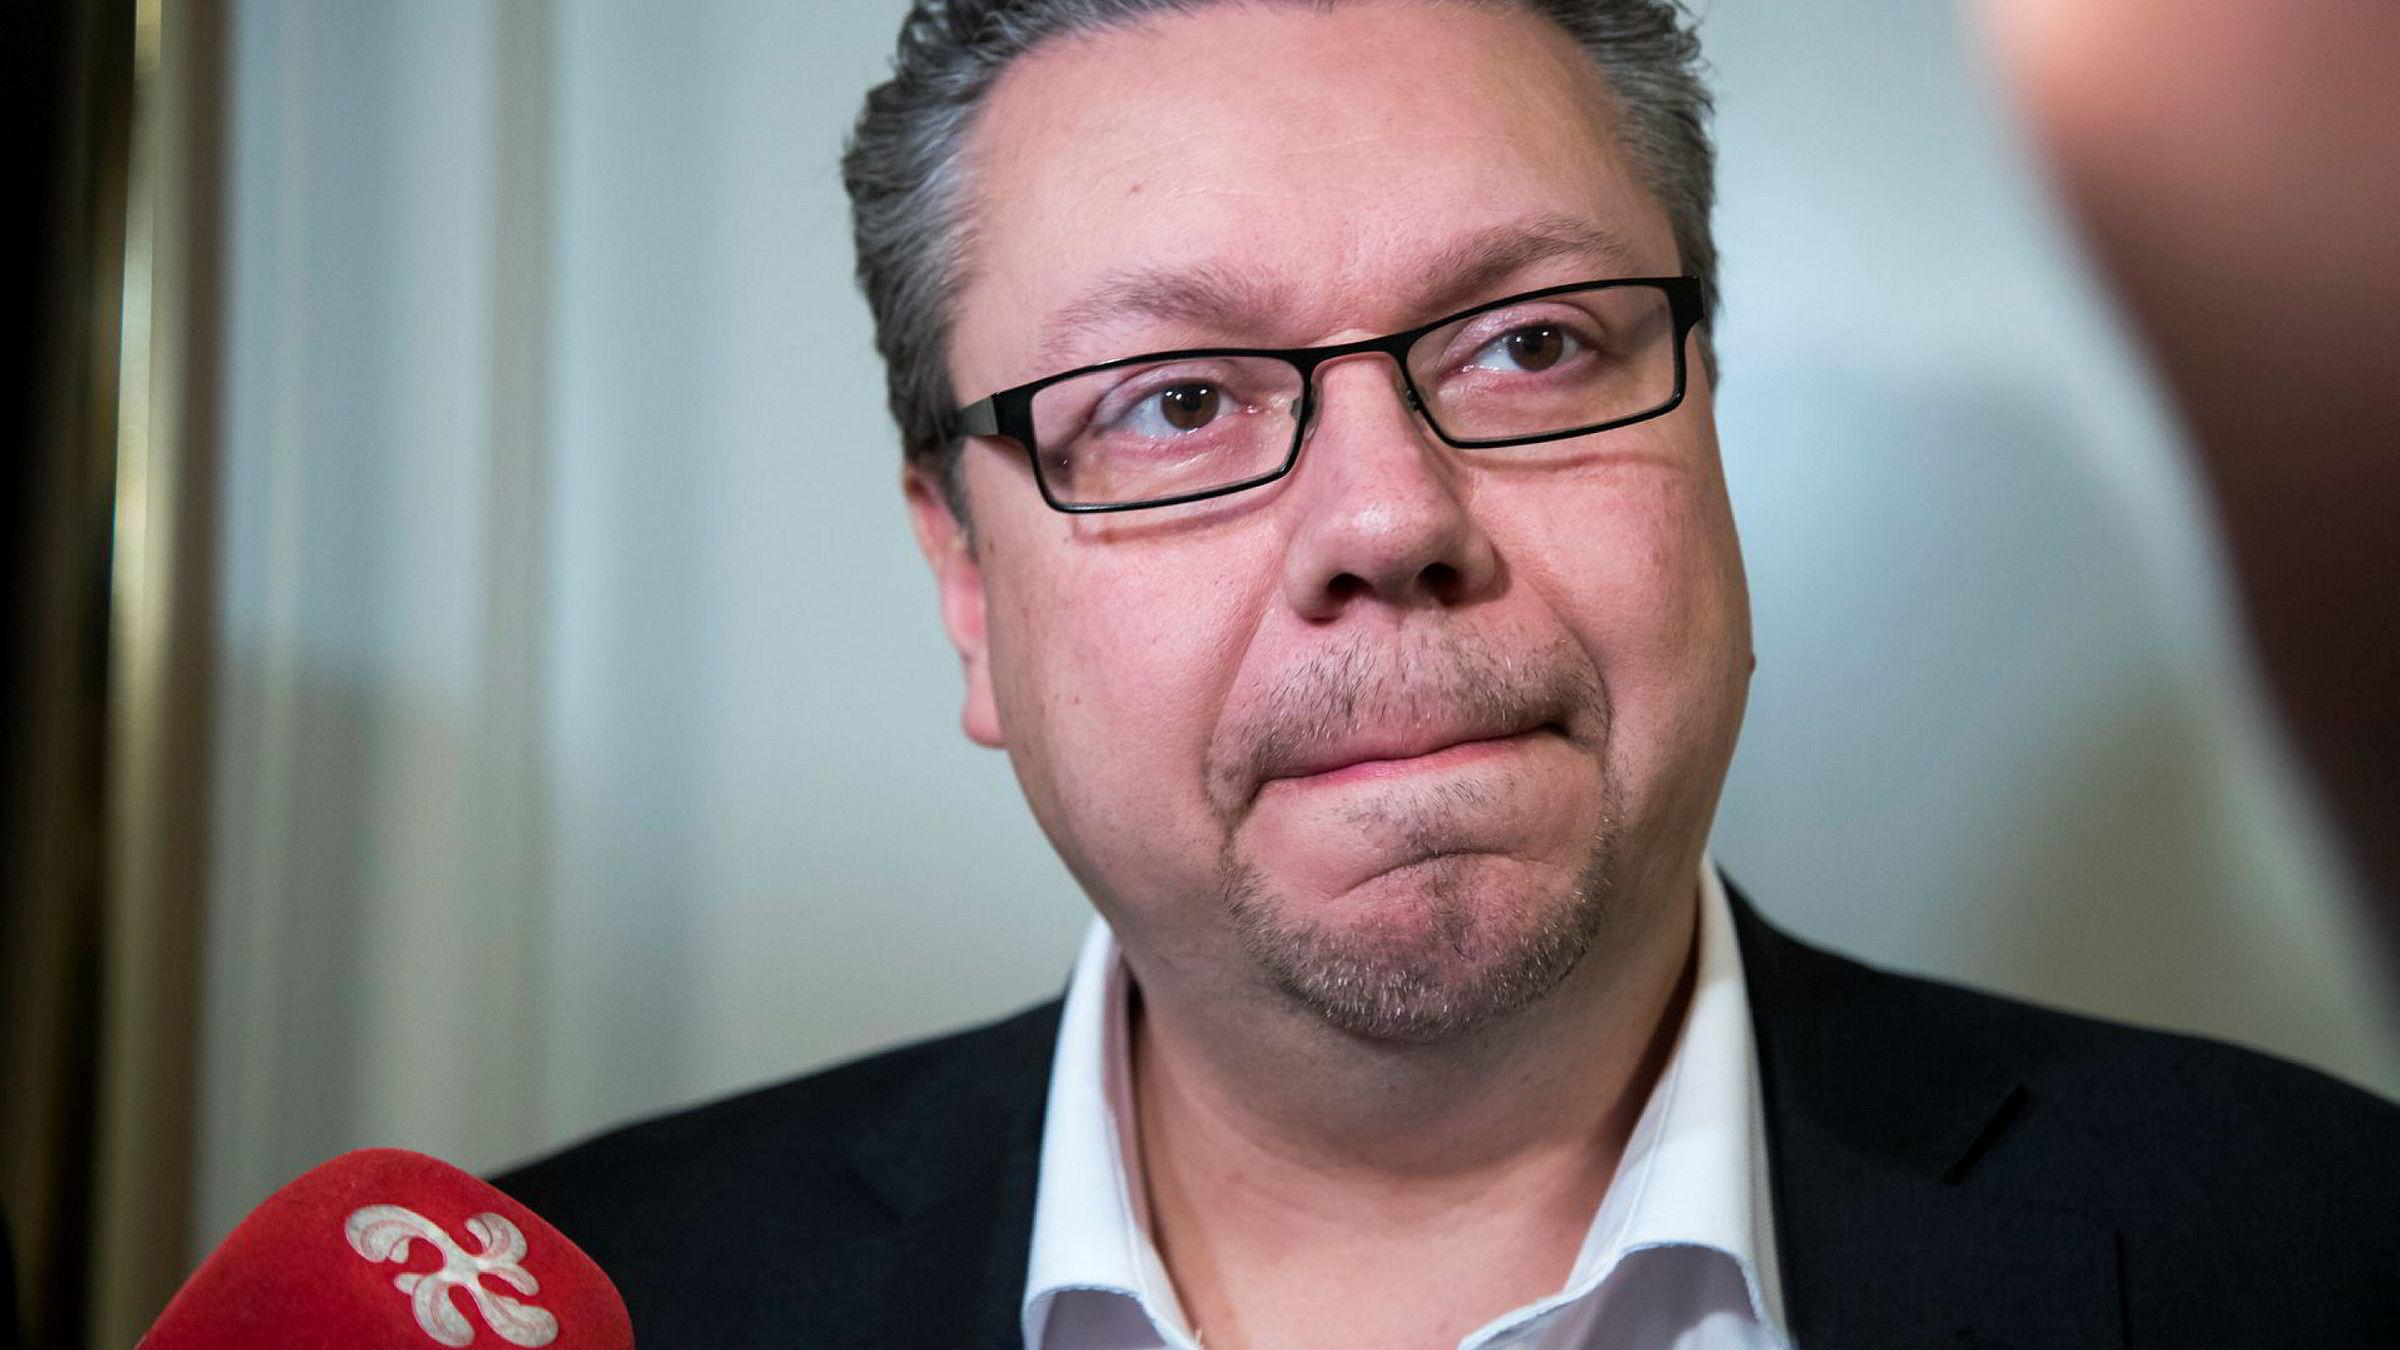 Styret i Råde Frp og alle kommunestyrerepresentantene til Frp i kommunen melder seg ut av partiet i protest mot hvordan partiet har fulgt opp varslene mot stortingsrepresentant Ulf Leirstein.